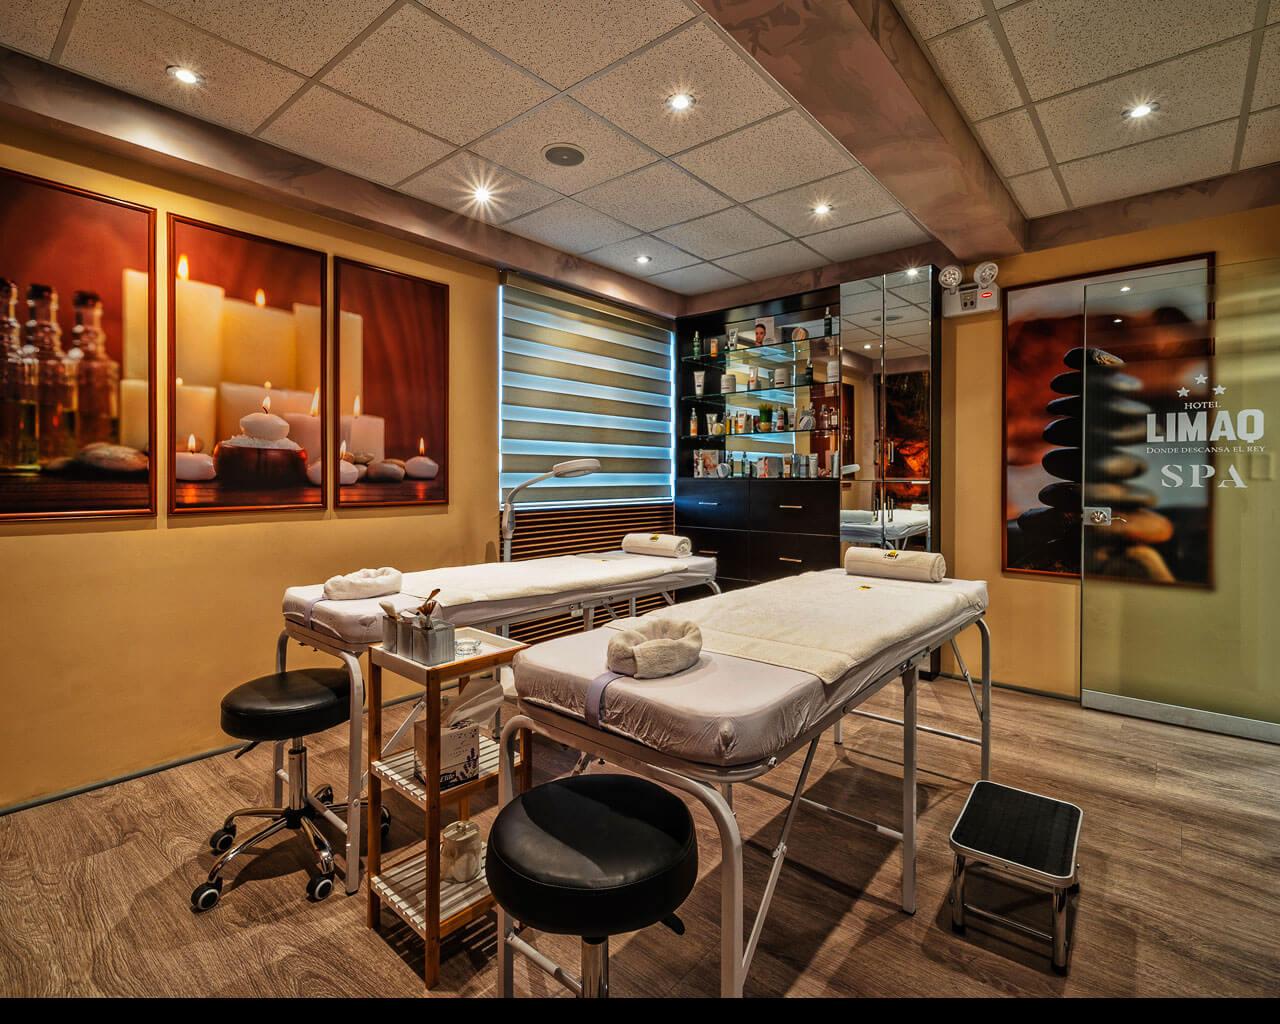 centro de spa para tratamiento corporal